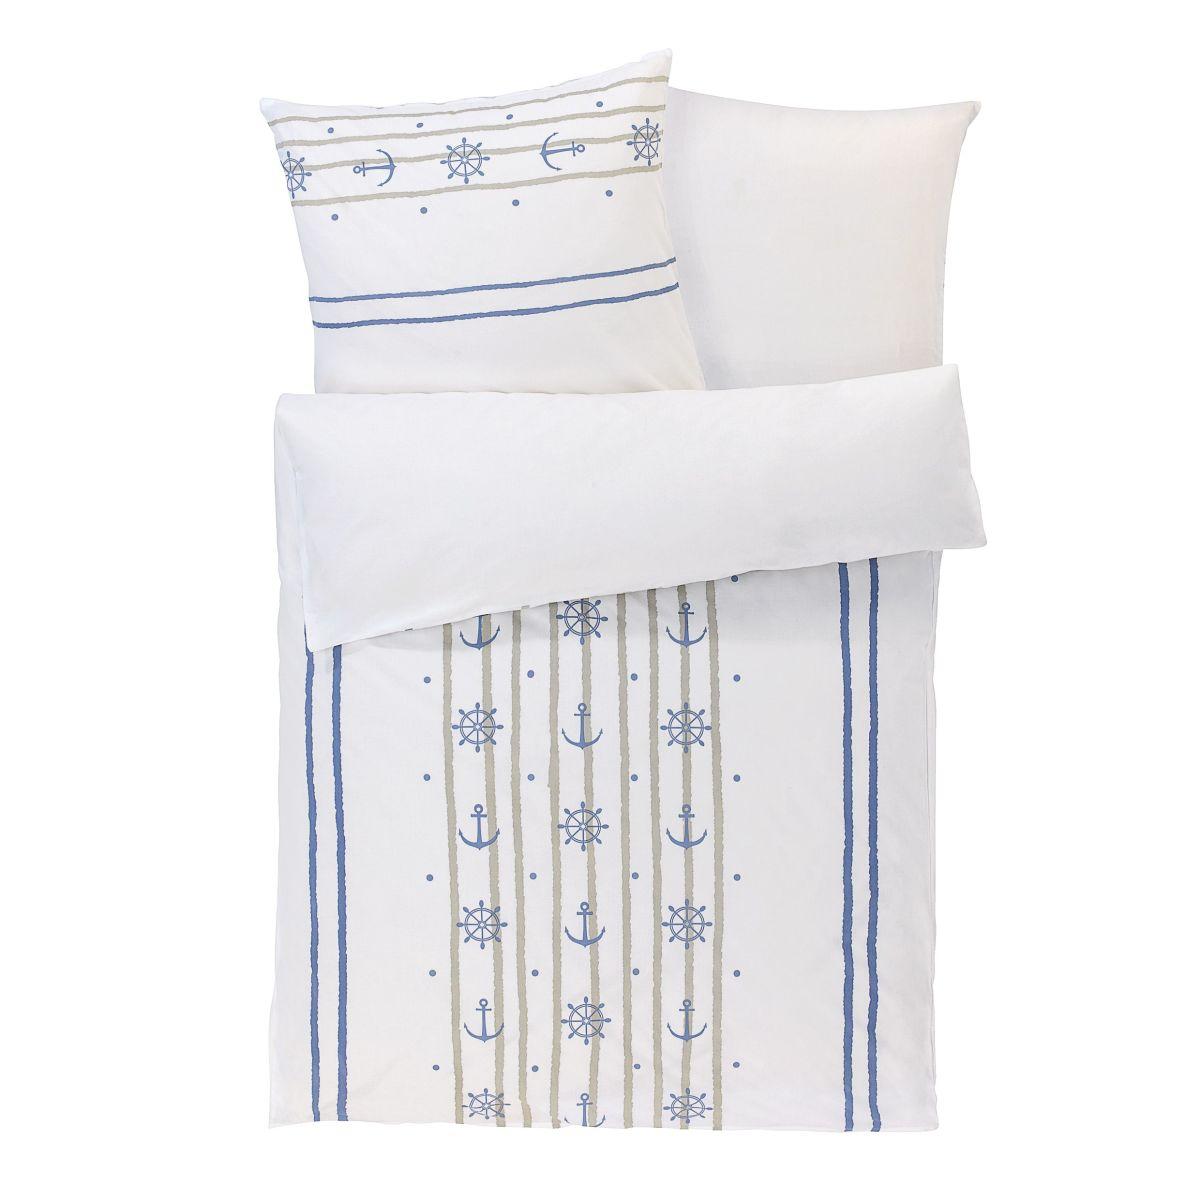 bettw sche maritim g nstig schnell einkaufen. Black Bedroom Furniture Sets. Home Design Ideas